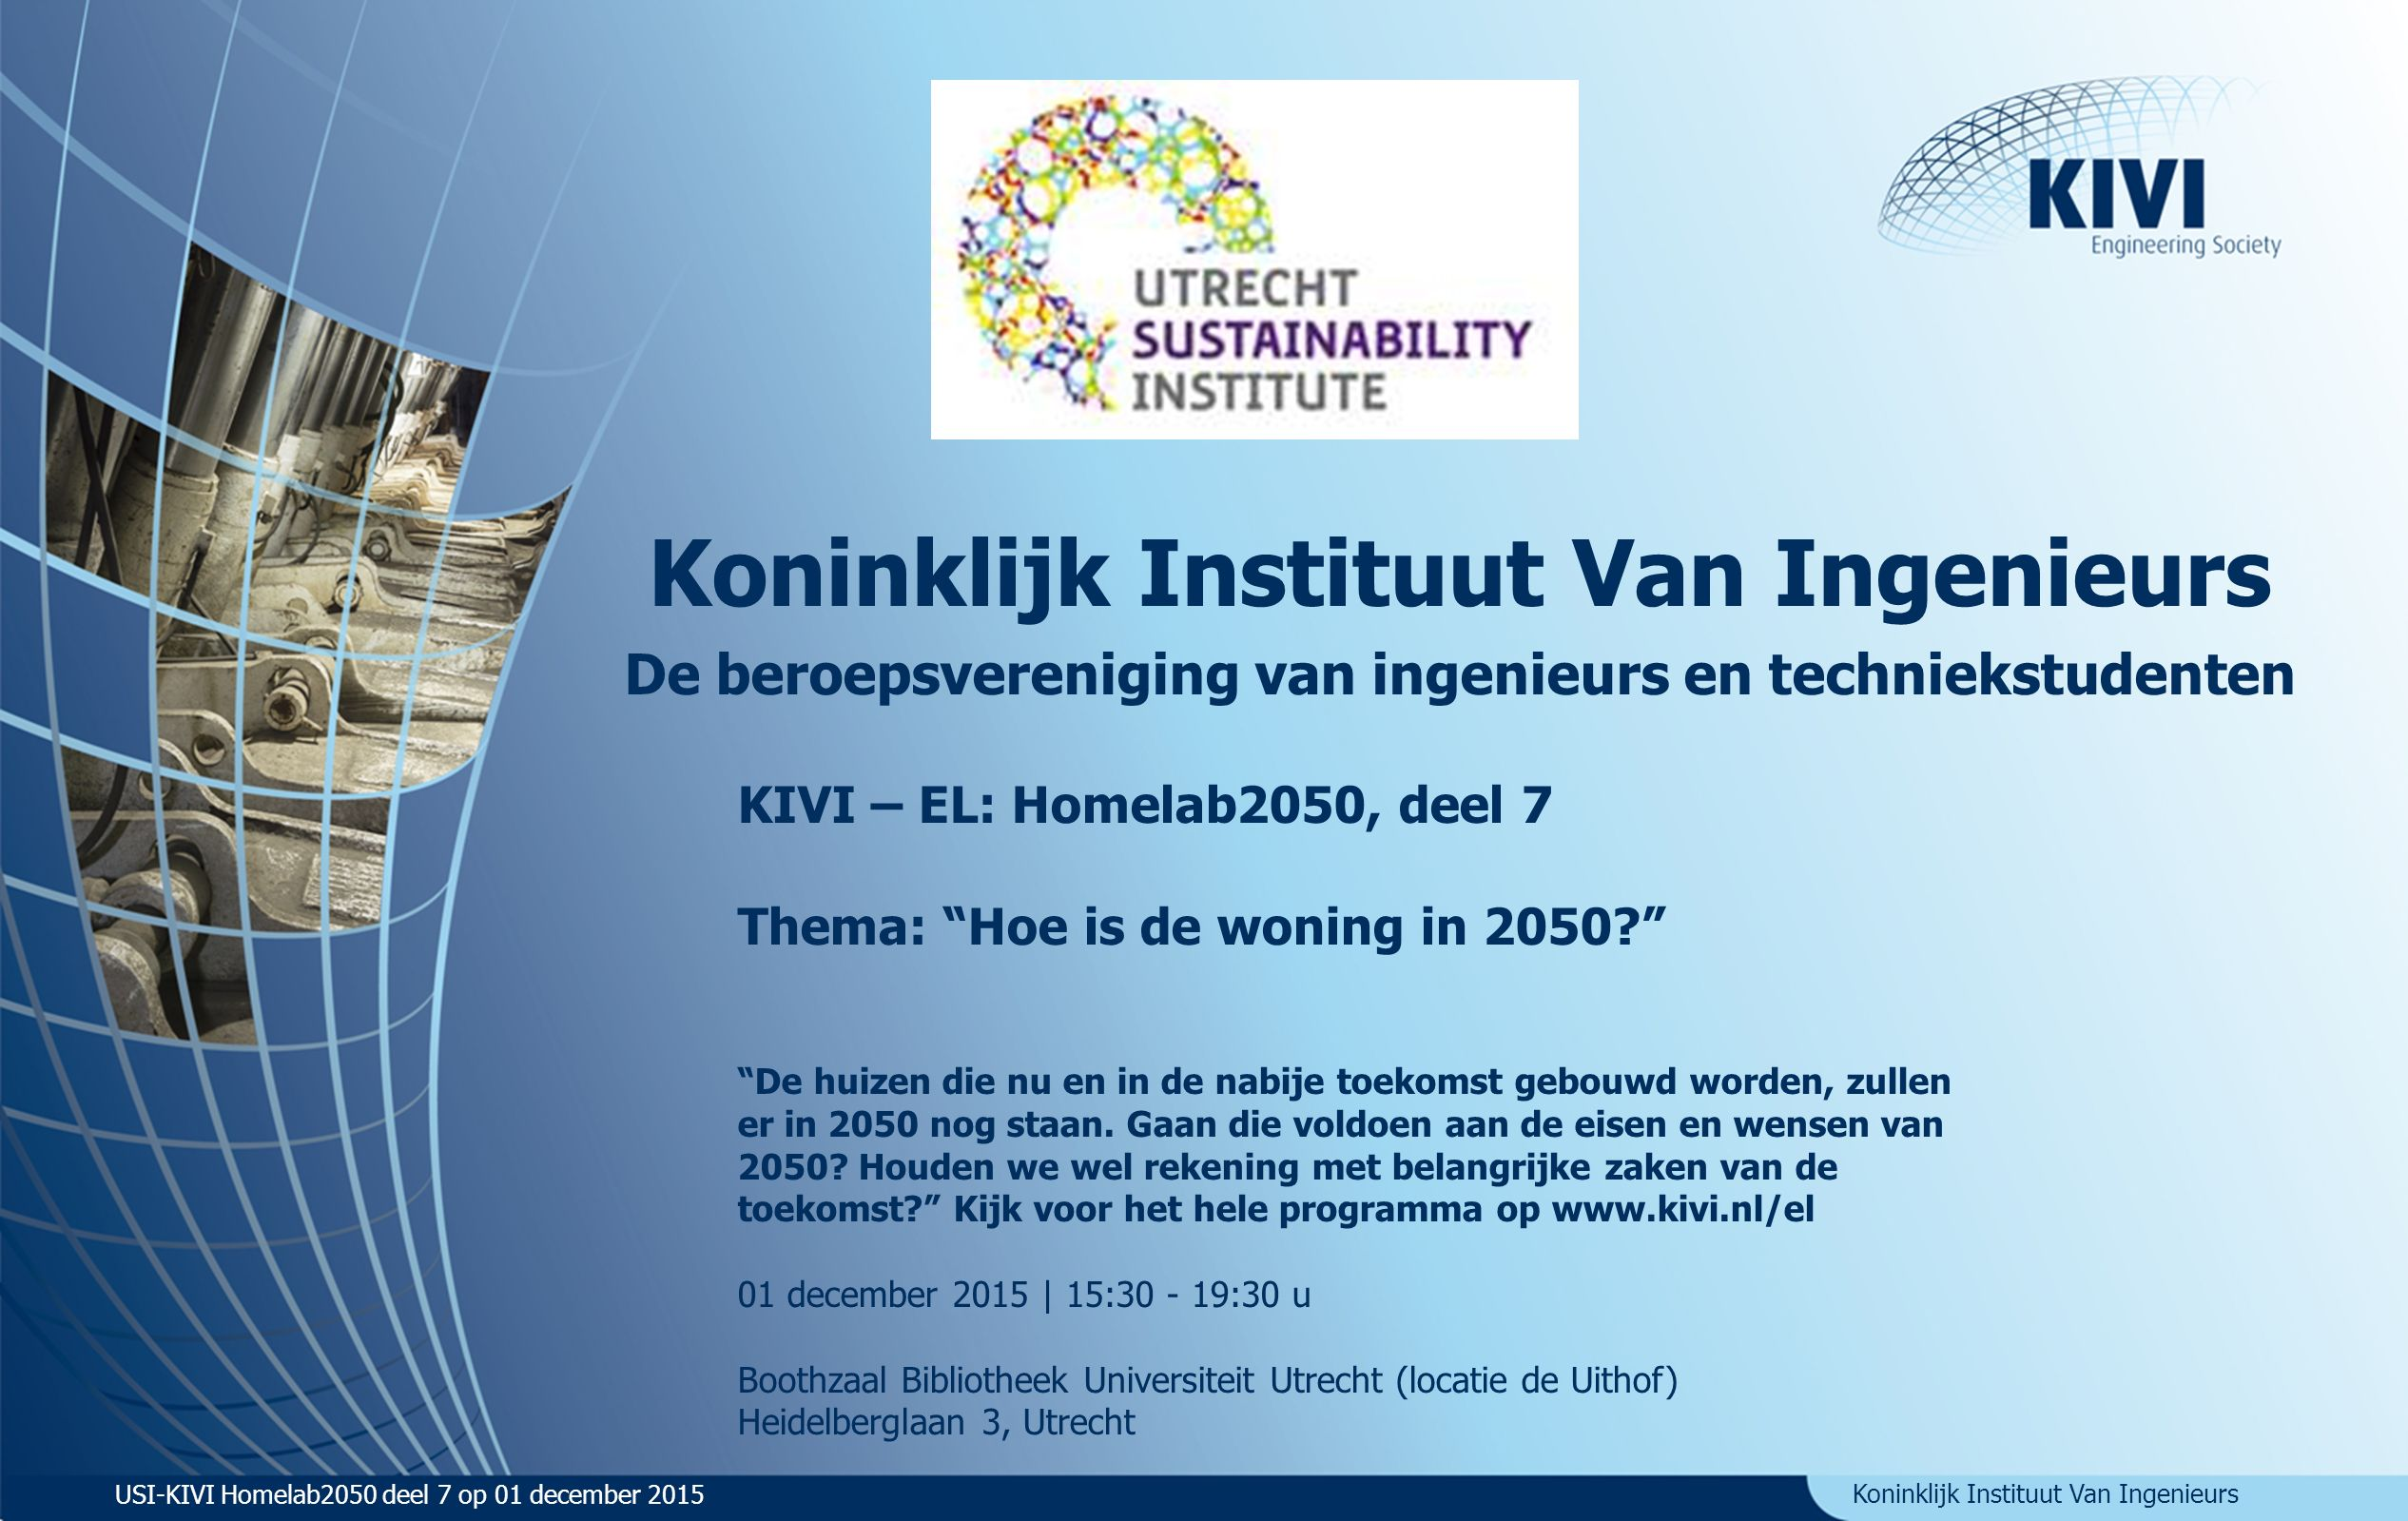 Koninklijk Instituut Van Ingenieurs De beroepsvereniging van ingenieurs en techniekstudenten KIVI – EL: Homelab2050, deel 7 Thema: Hoe is de woning in 2050 De huizen die nu en in de nabije toekomst gebouwd worden, zullen er in 2050 nog staan.